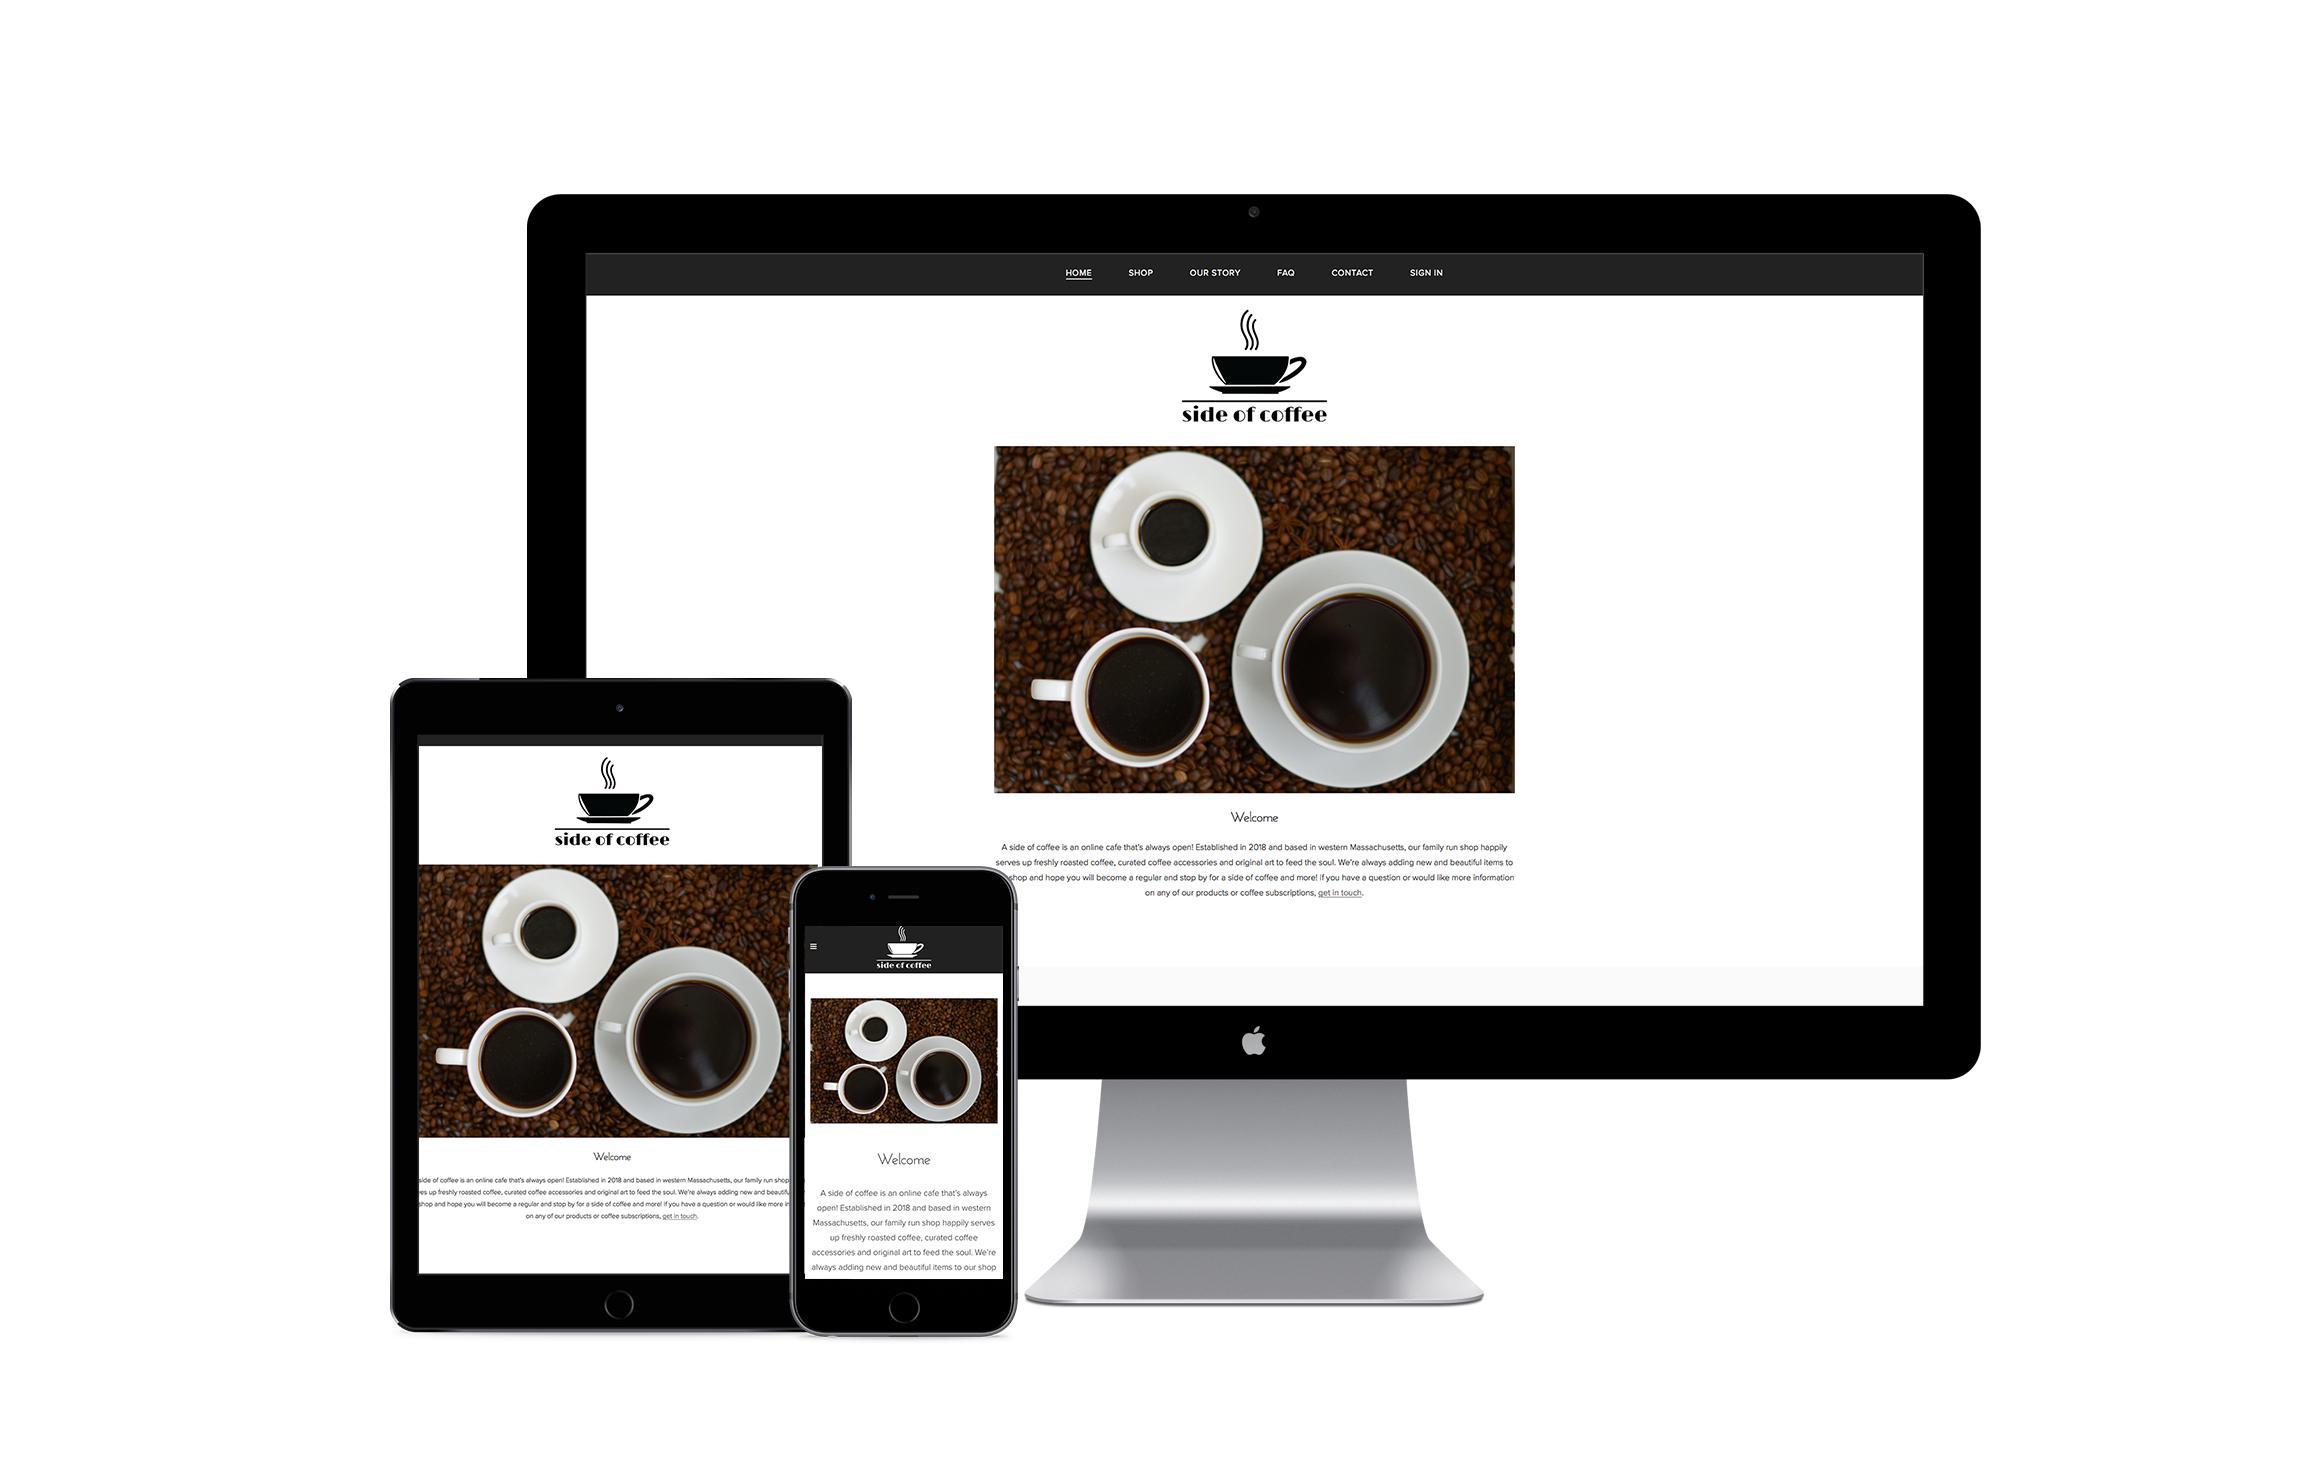 Website Design for a Coffee Retailer